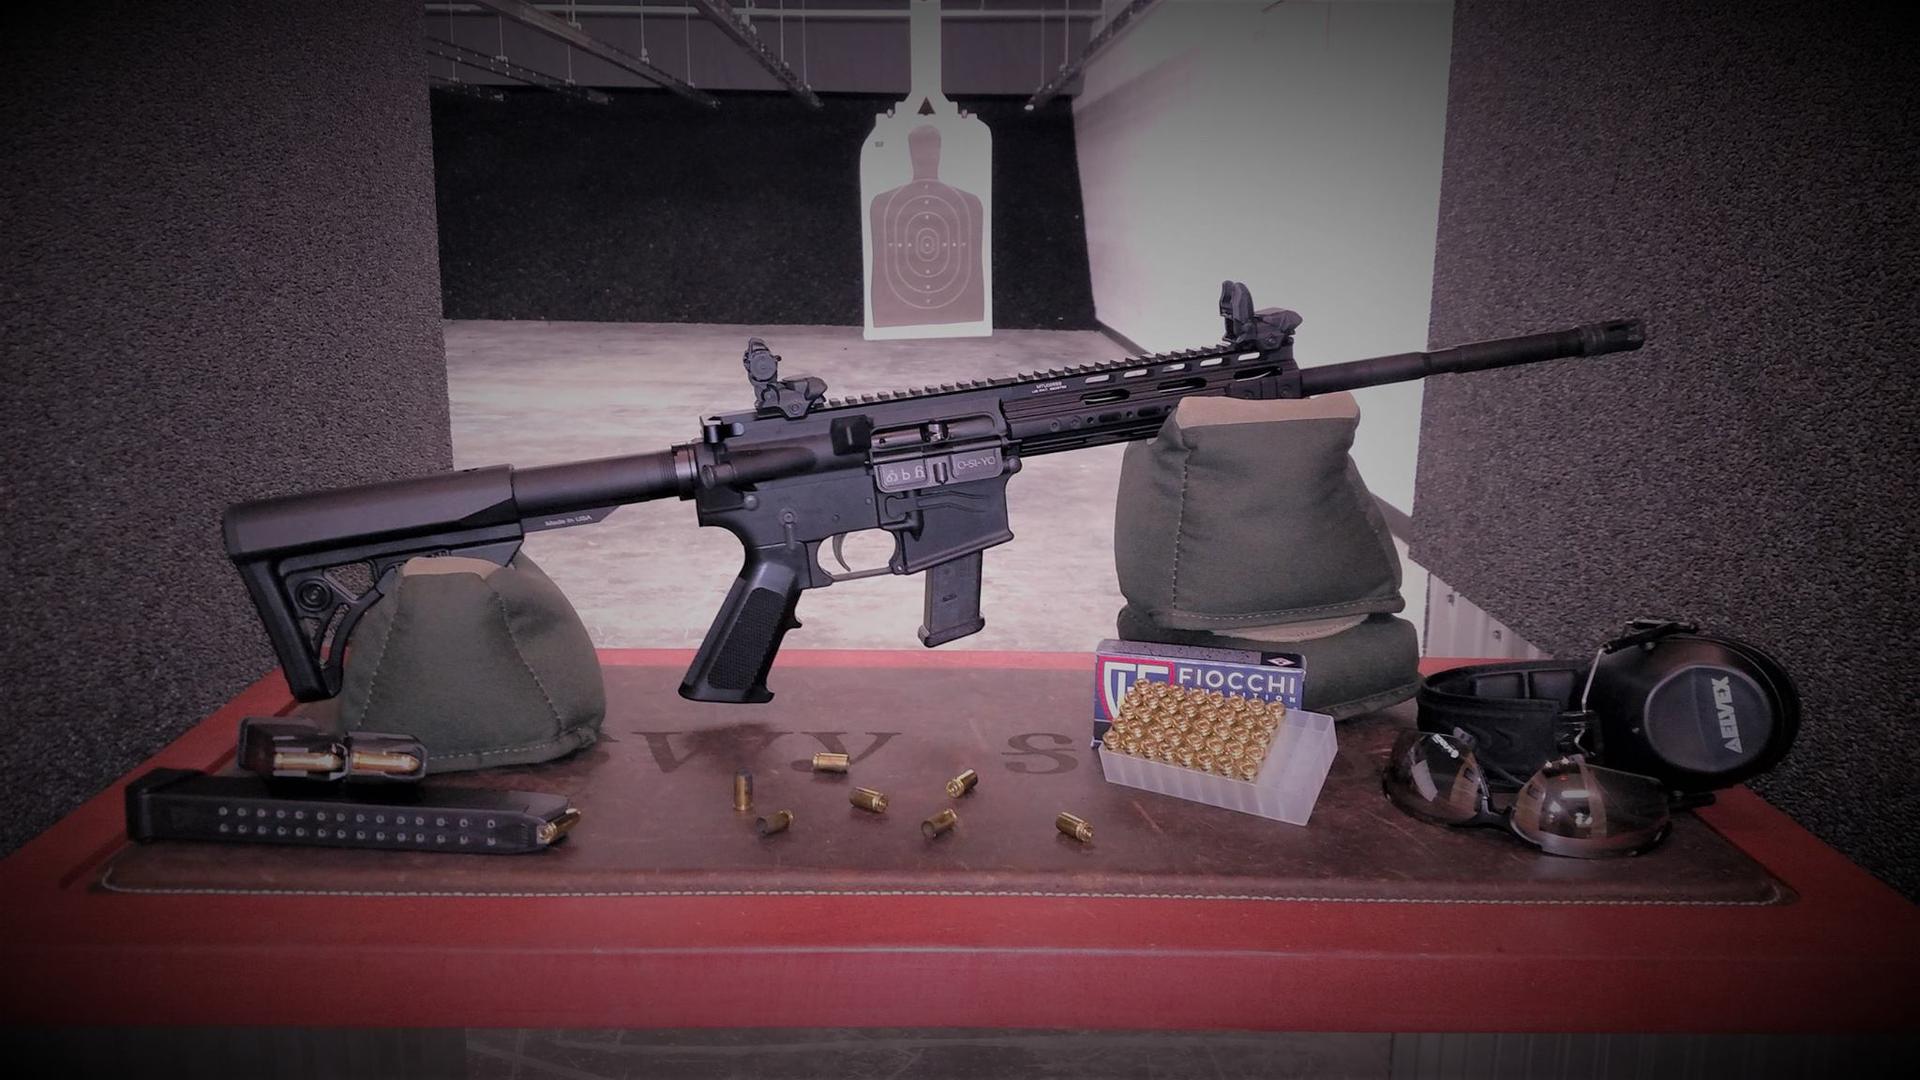 Handguns /Long guns